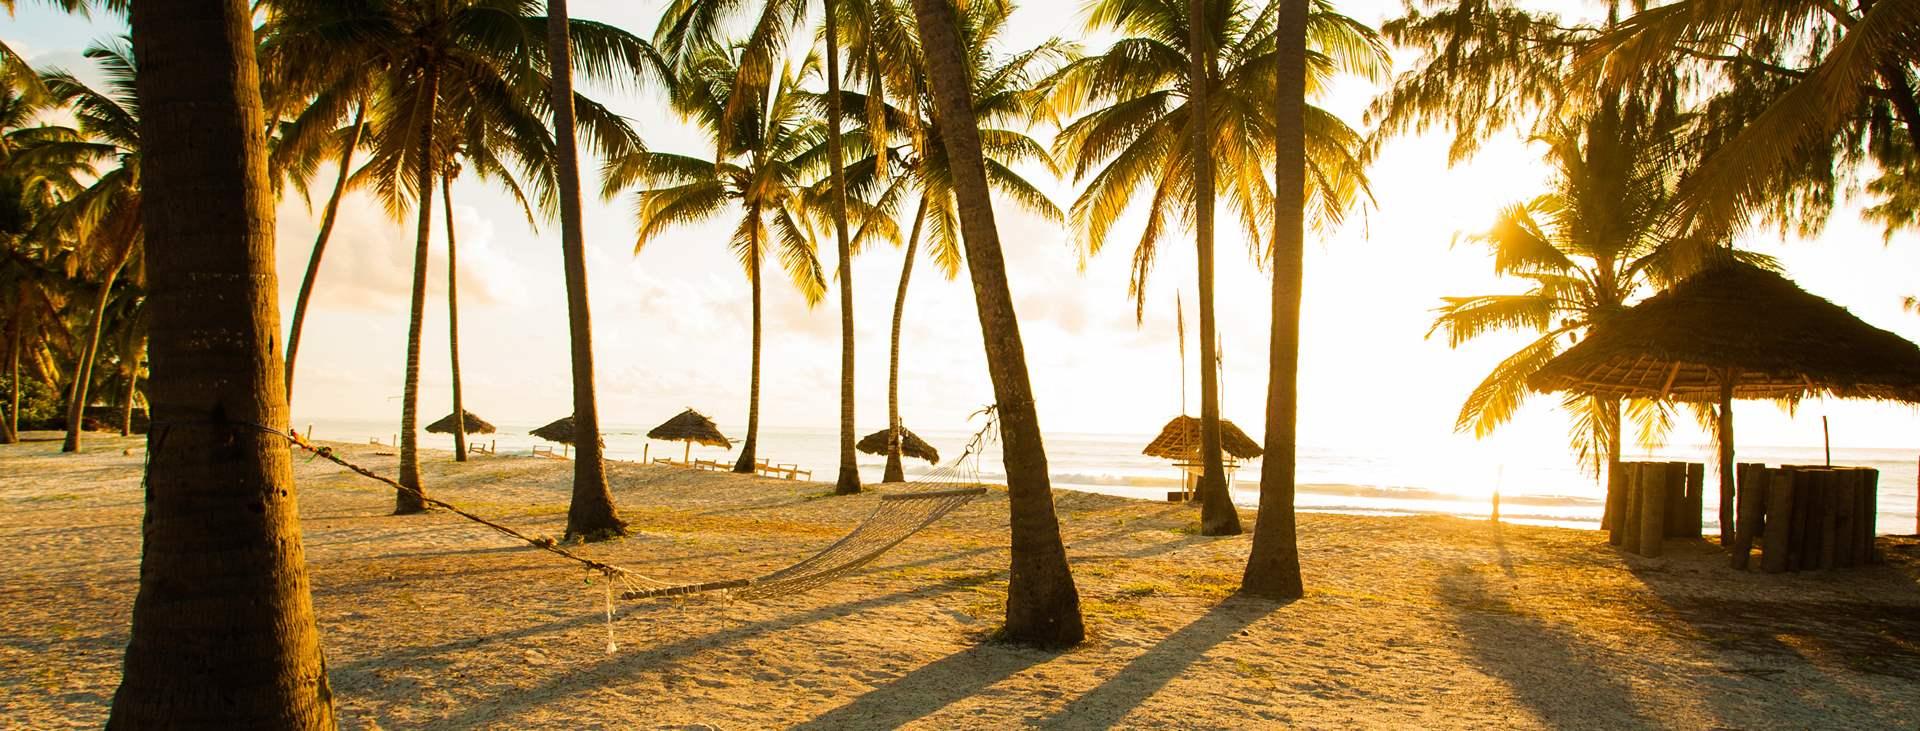 Zanzibars hvite strender og spennende historie lokker alle solelskere. Bestill en reise med Ving til øya Zanzibar i Tanzania